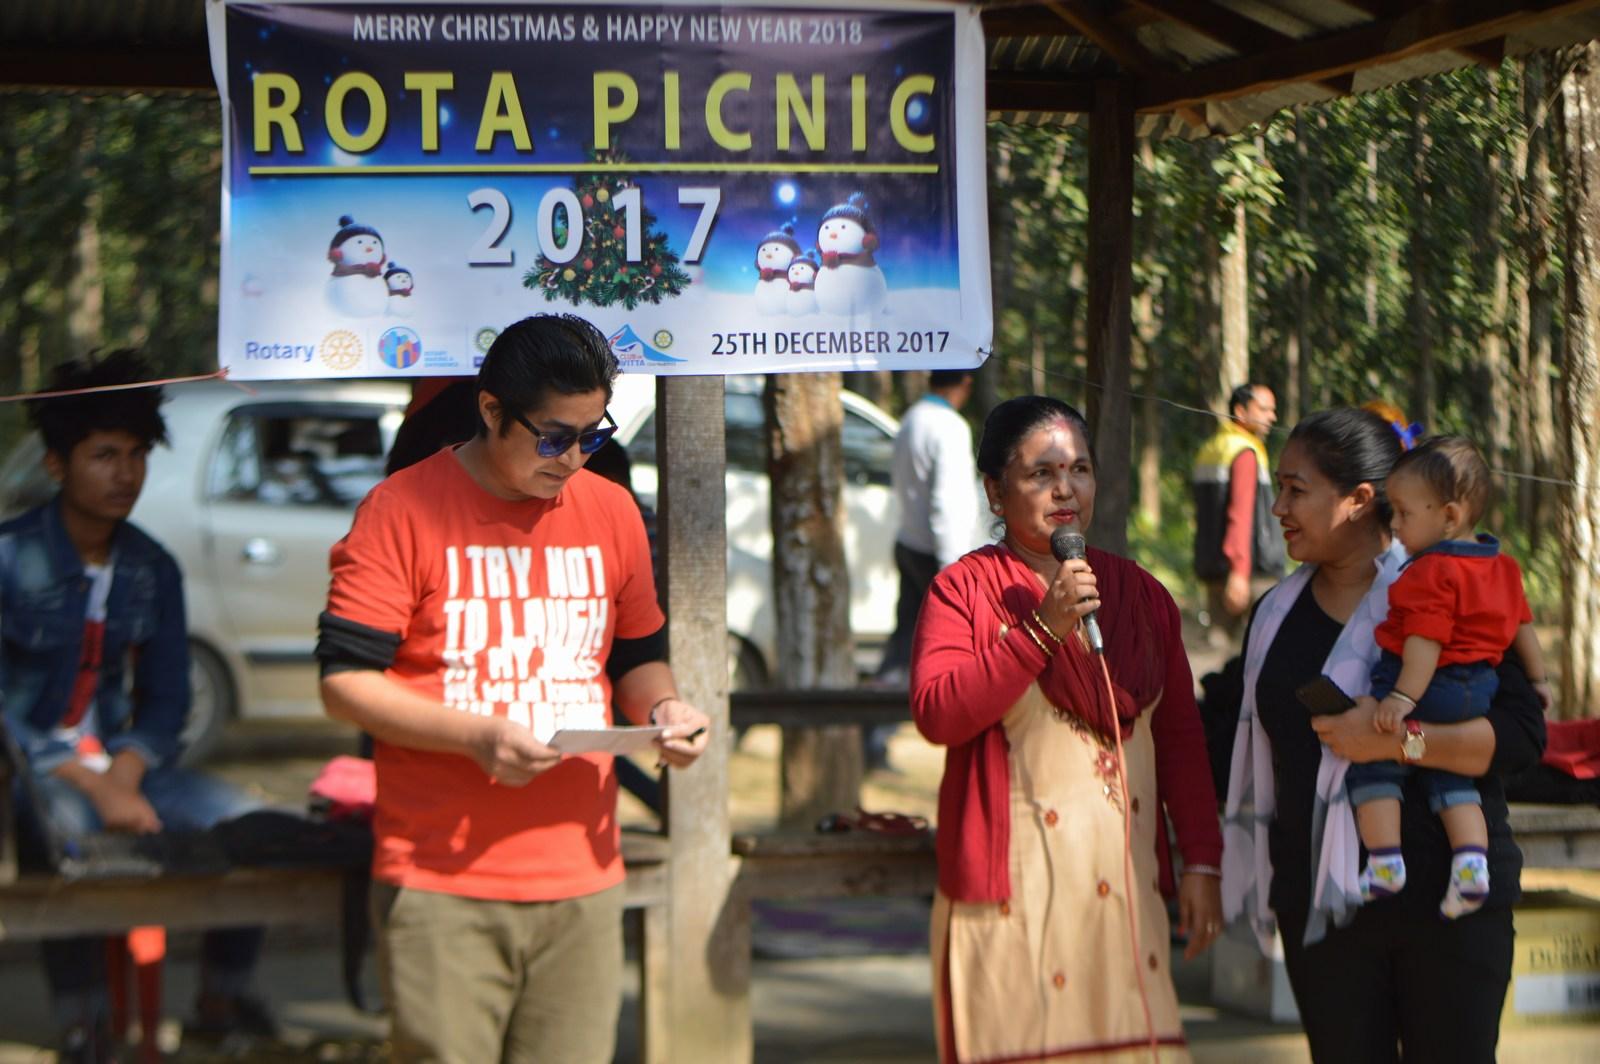 Rota-Picnic-2017-Rotary-Club-of-Kakarvitta-84